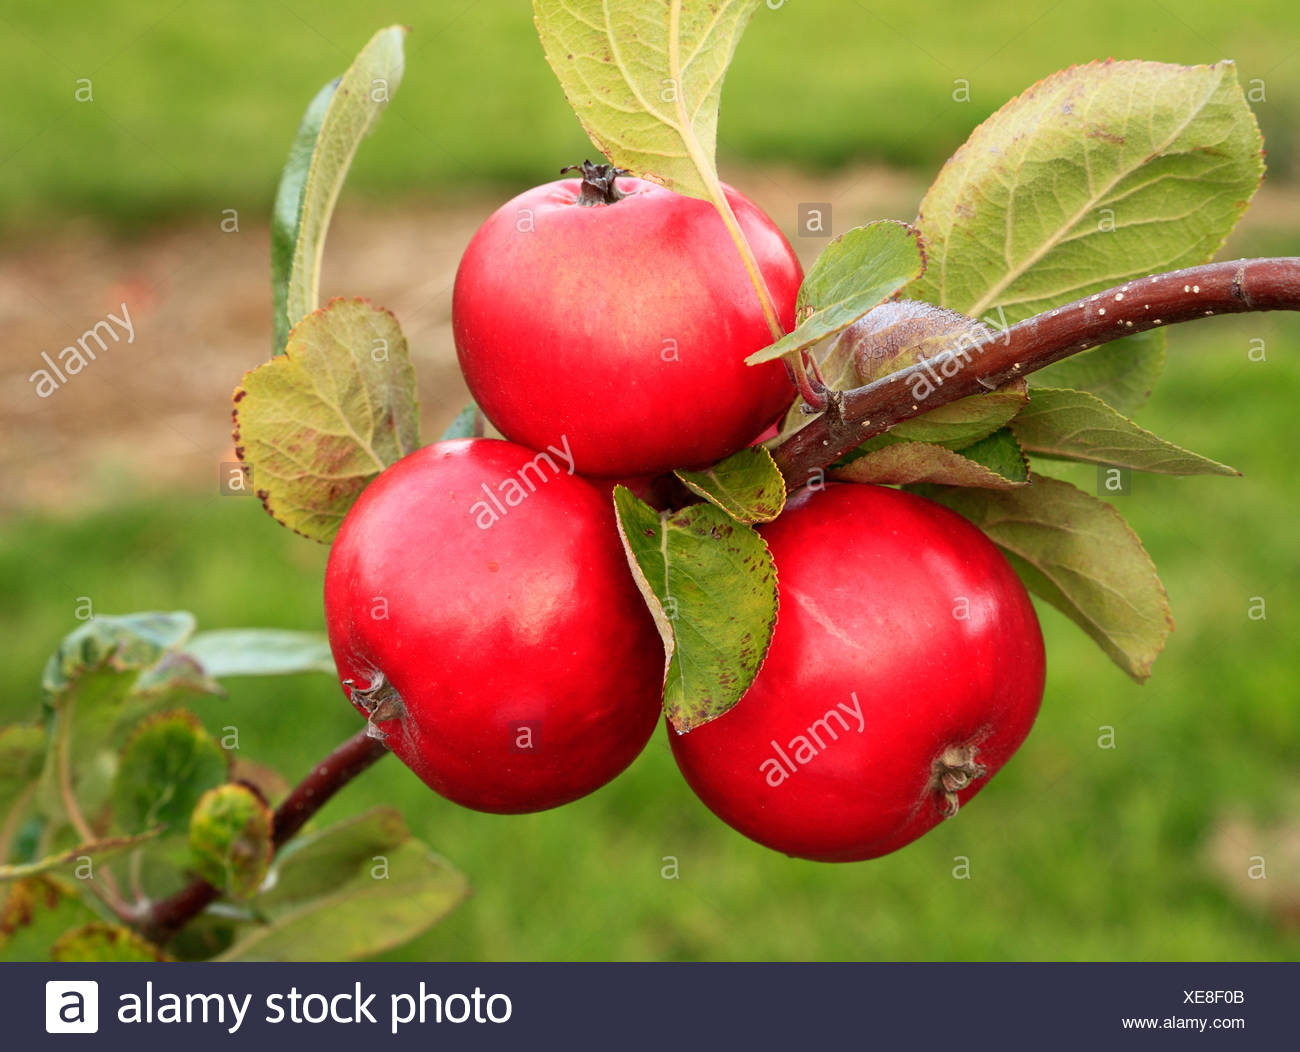 Apple 'Red Miller's Seedling',  variety, malus domestica, apples varieties growing on tree Norfolk England UK - Stock Image